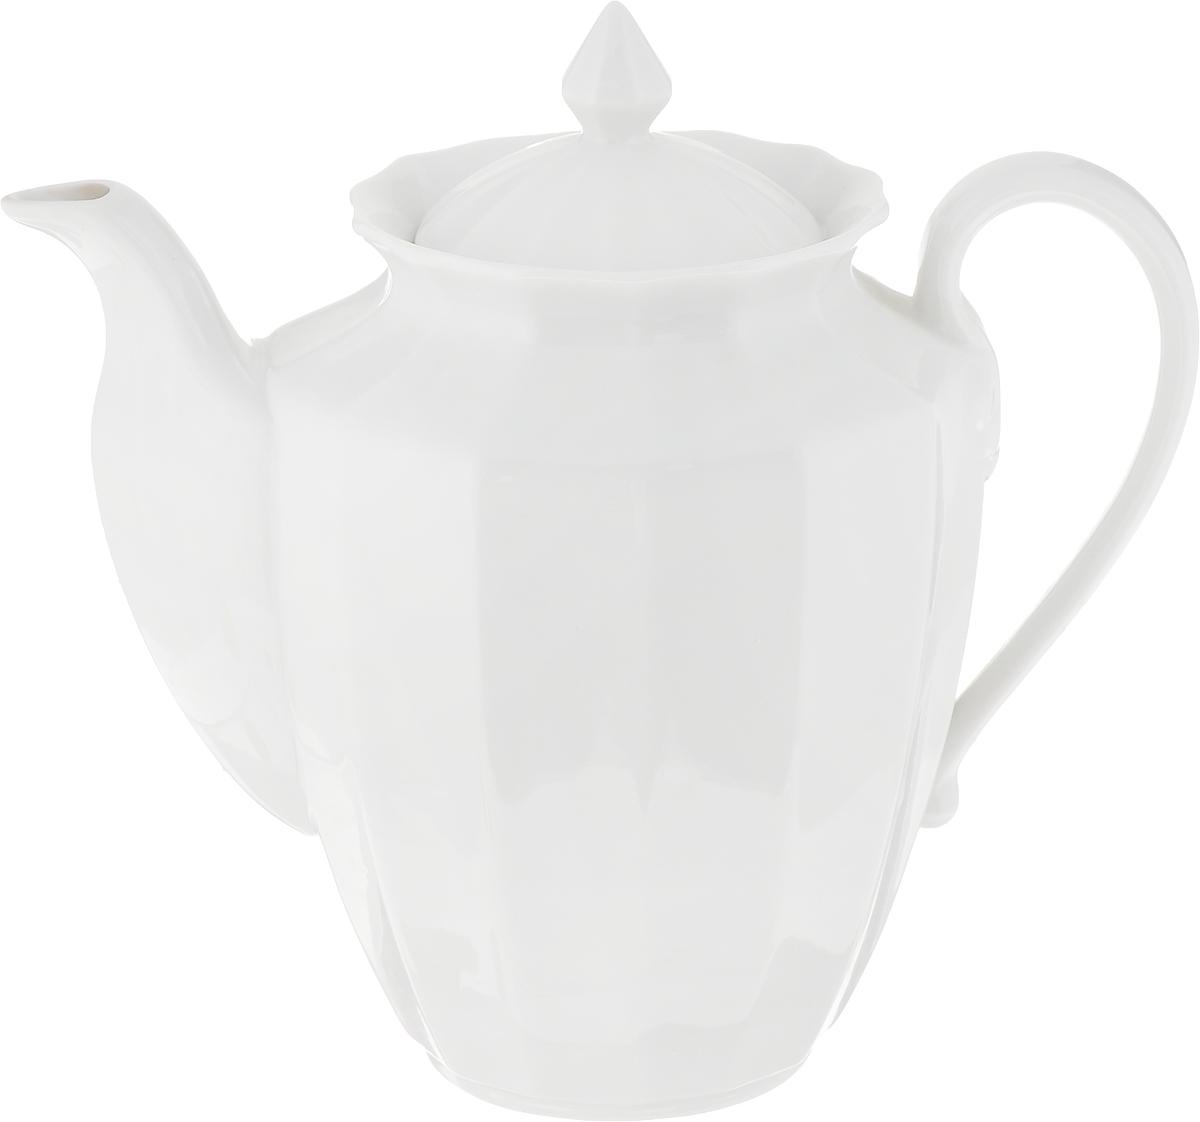 Кофейник Фарфор Вербилок. 798500Б798500БСчитается, что как день начнешь, так его и проведешь. Поэтому просыпаться хорошо пораньше, в хорошем настроении, и начинать каждое утро с улыбки и чашечки ароматного кофе. При этом немаловажно, чтобы посуда для кофе была соответствующая: красивая, изящная и непременно способствующая поднятию настроения!